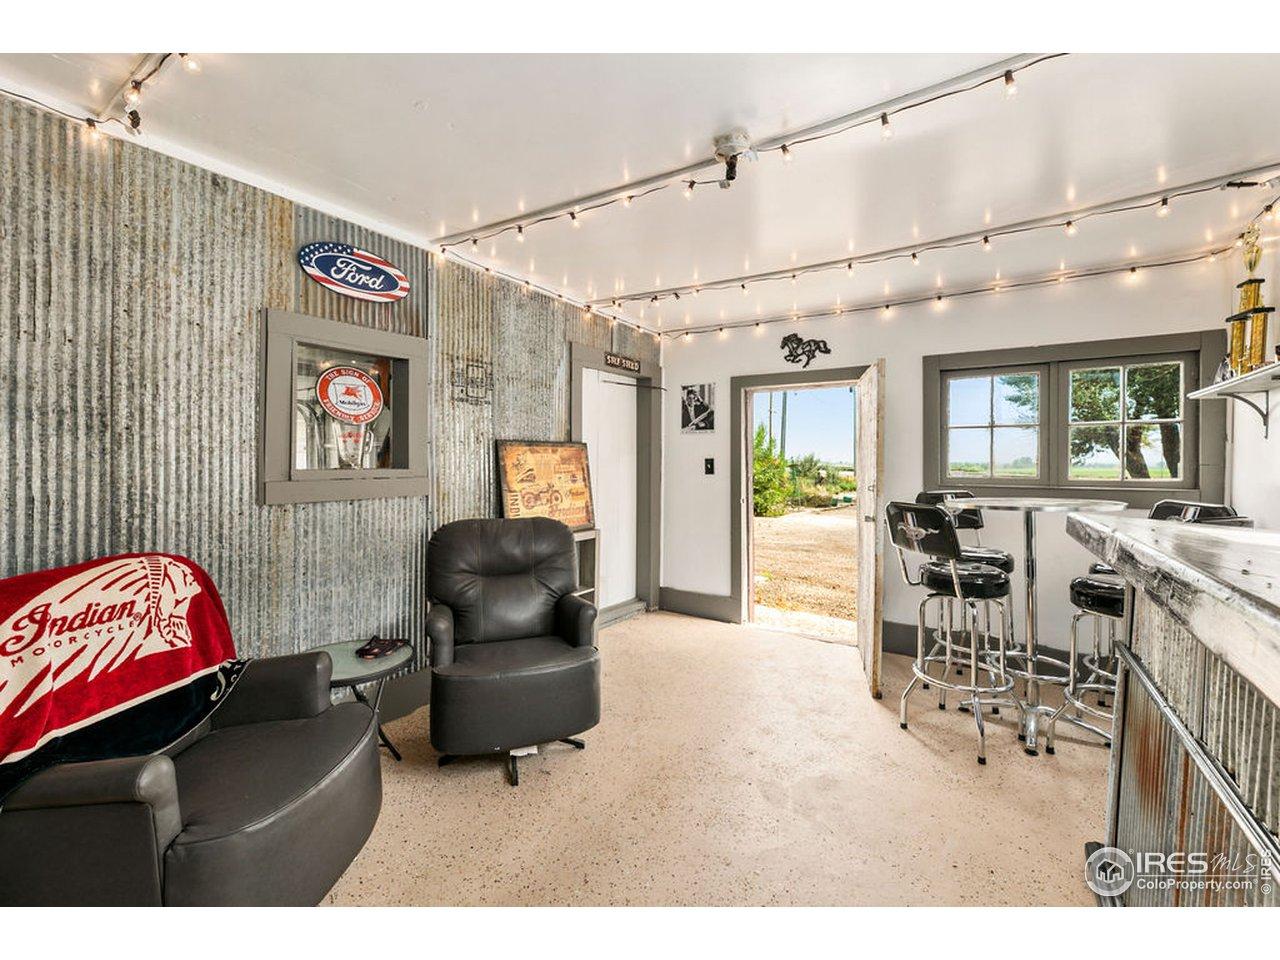 Entertaining space / bar in garage